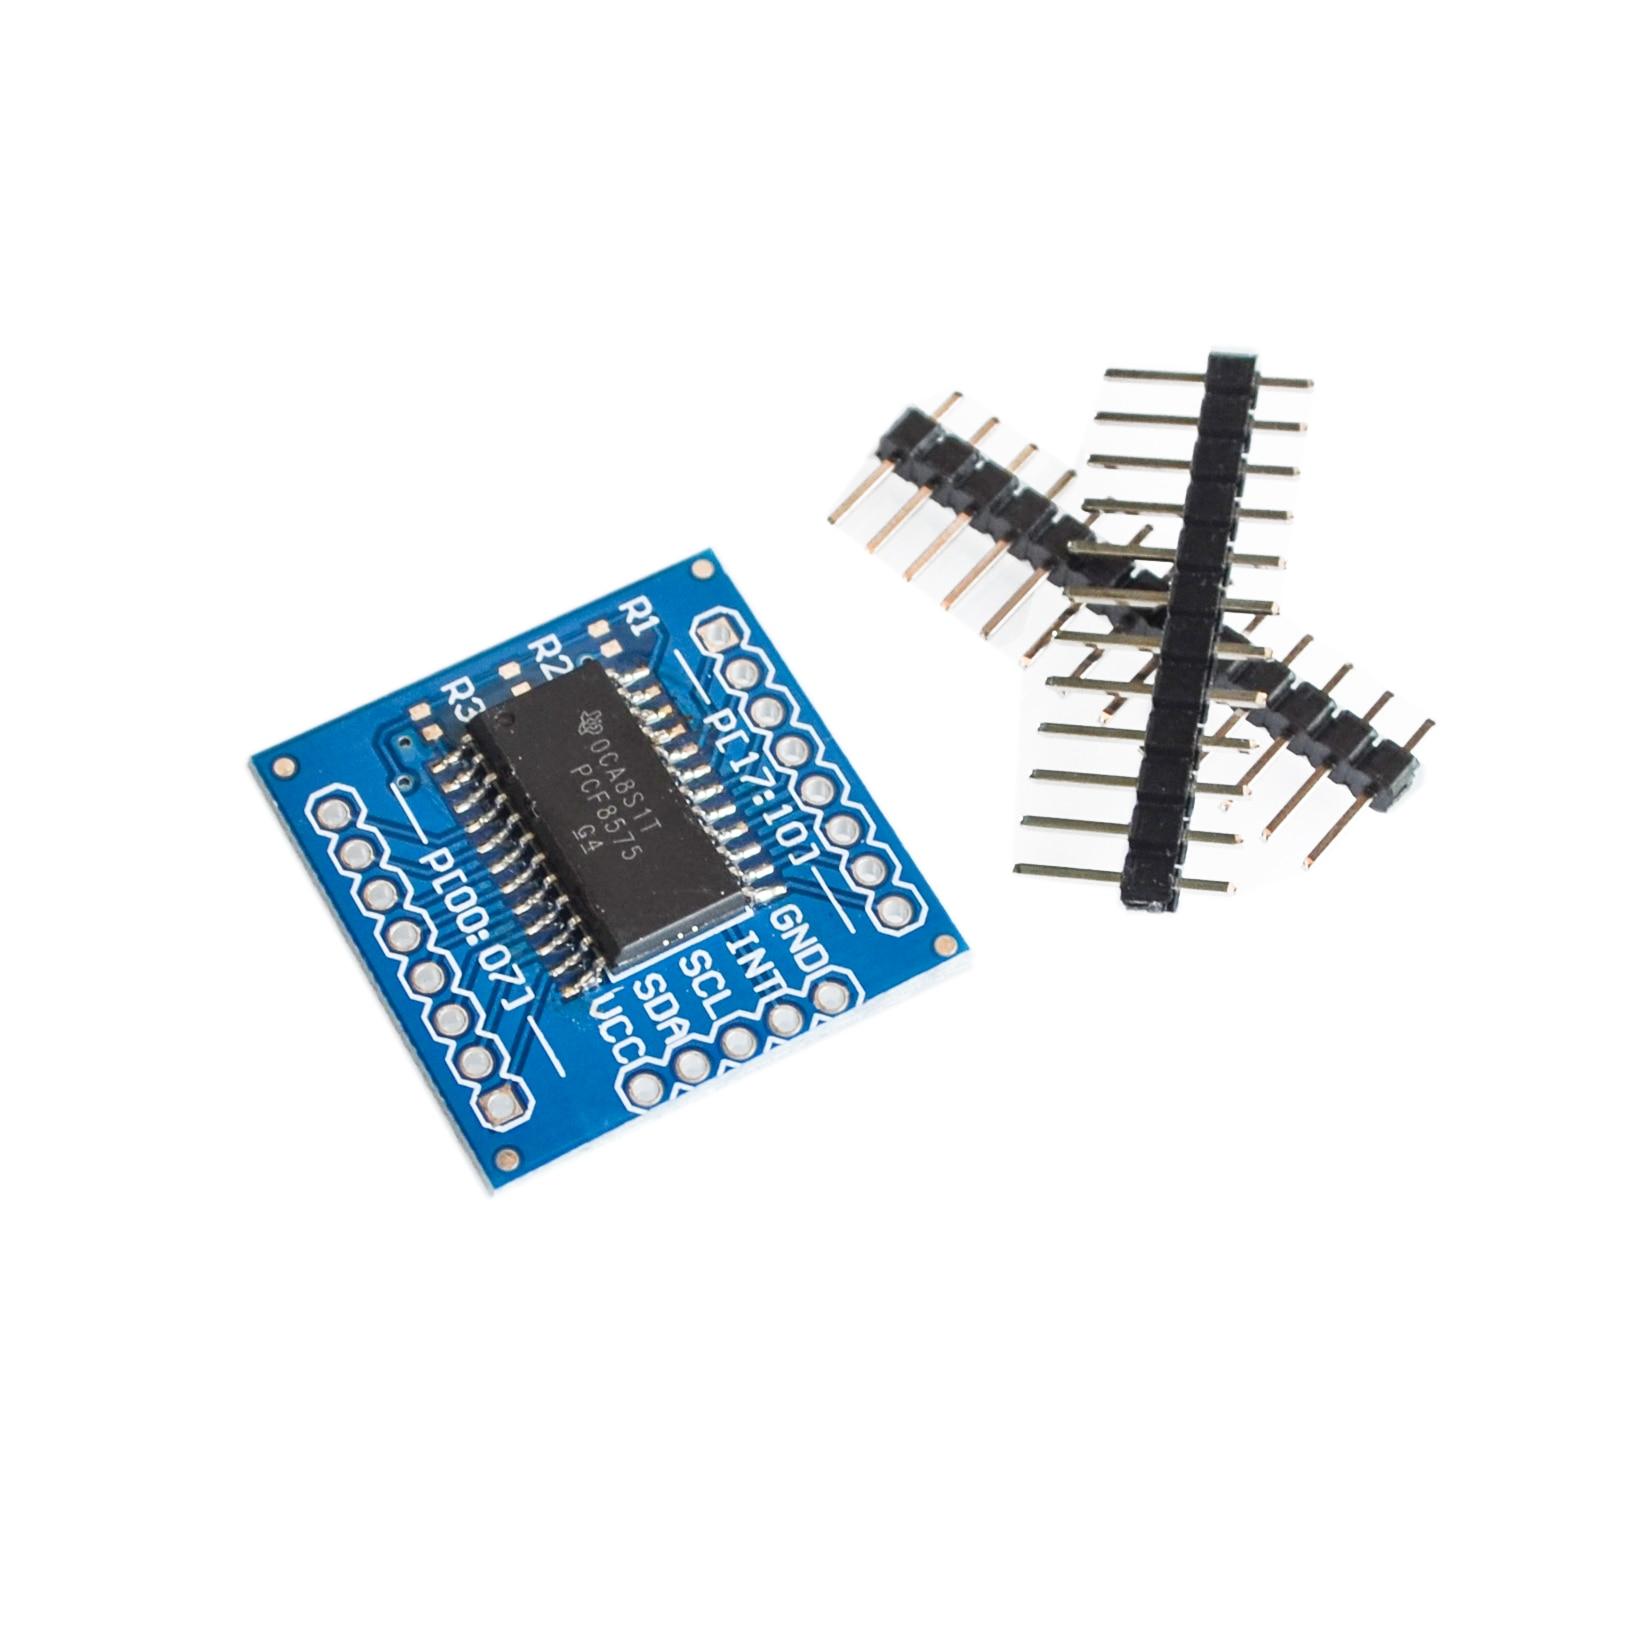 PCF8575 IIC I2C I/O Extension Shield Module 16 Bit SMBus I/O Ports  New